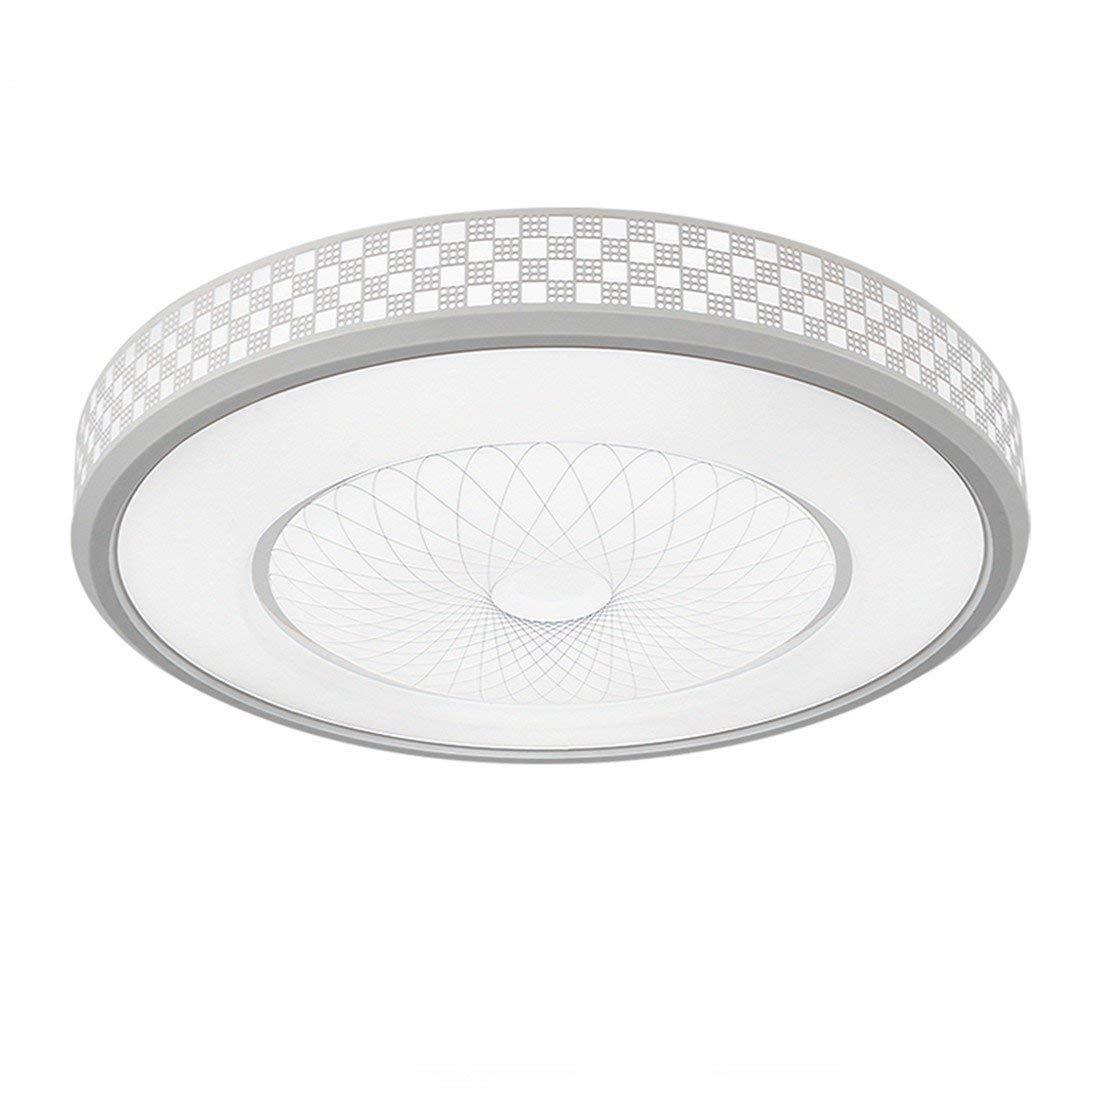 Einfache moderne Runde Bügeleisen Deckenleuchte Deckenleuchten, D 42 cm, dimmbare LED